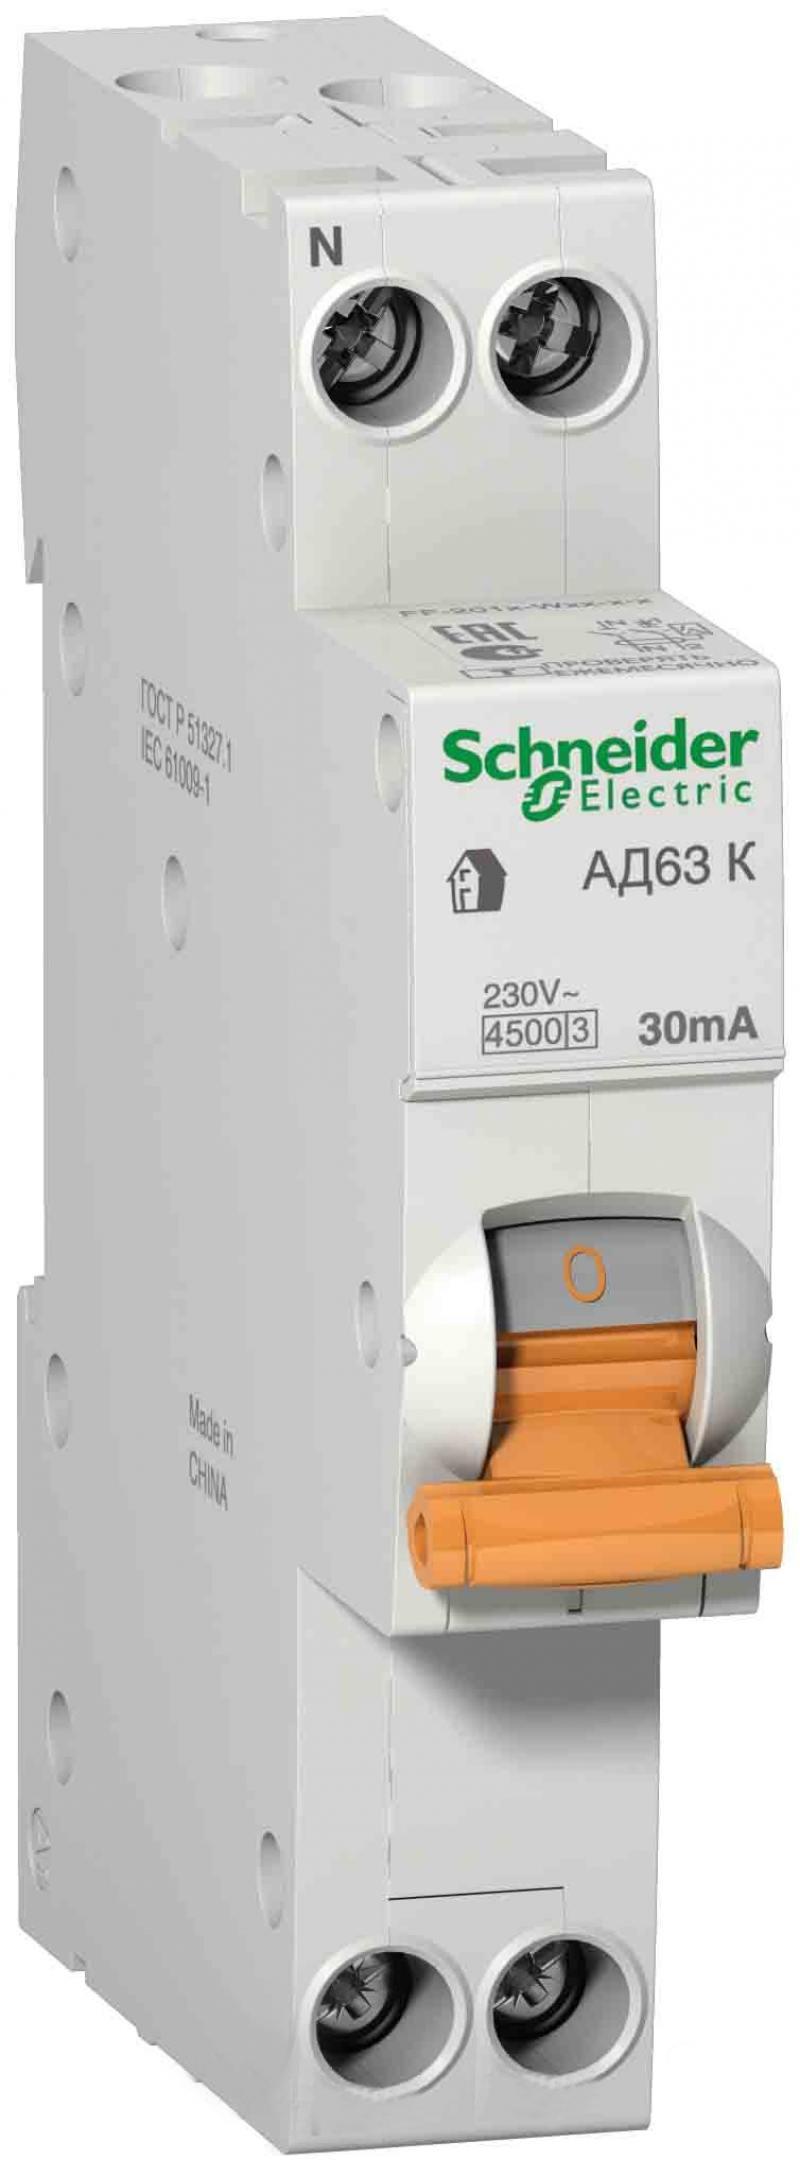 Выключатель дифференциального тока Schneider Electric АД63 К 1П+Н 20А 30мА C AC 12523 ад63 schneider electric 11473 дифференциальный автоматический выключатель